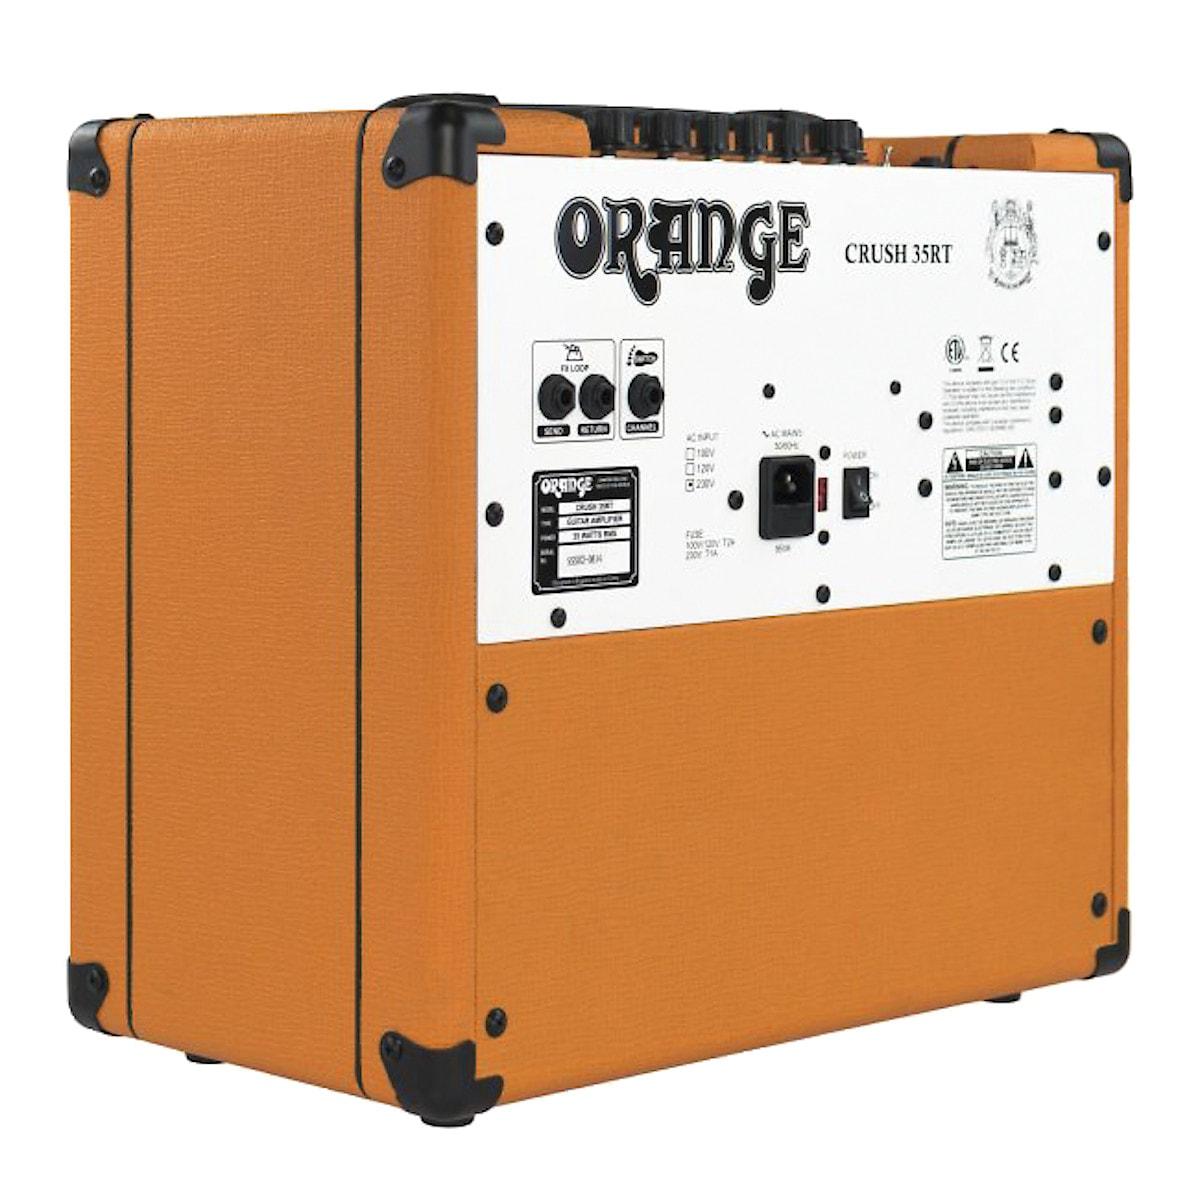 Orange Crush 35RT forsterker